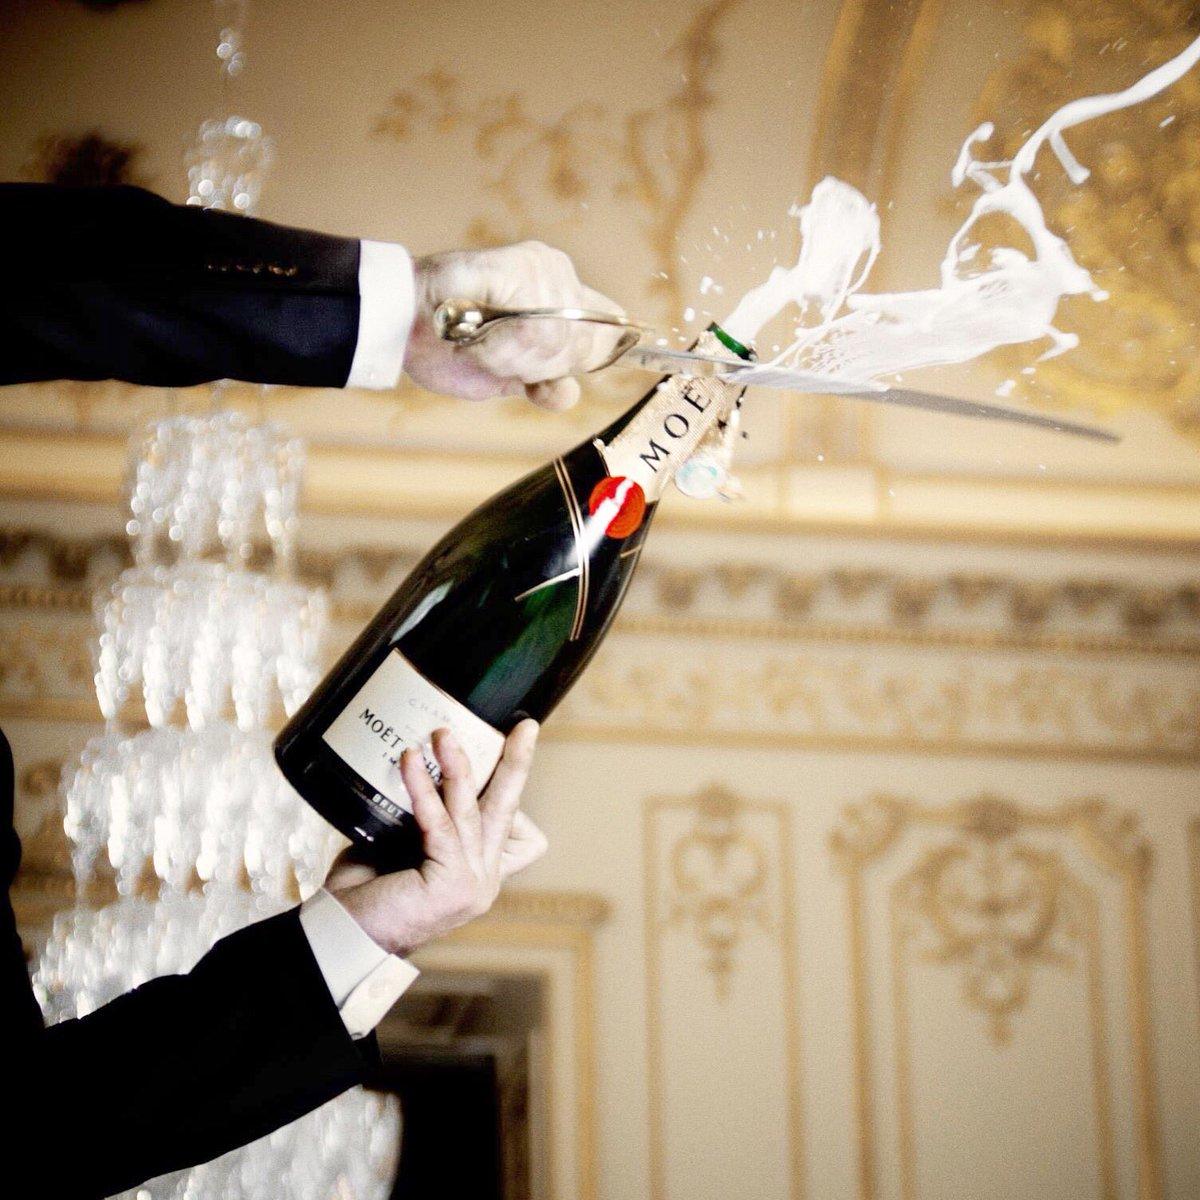 фото открывание шампанского стоит забывать